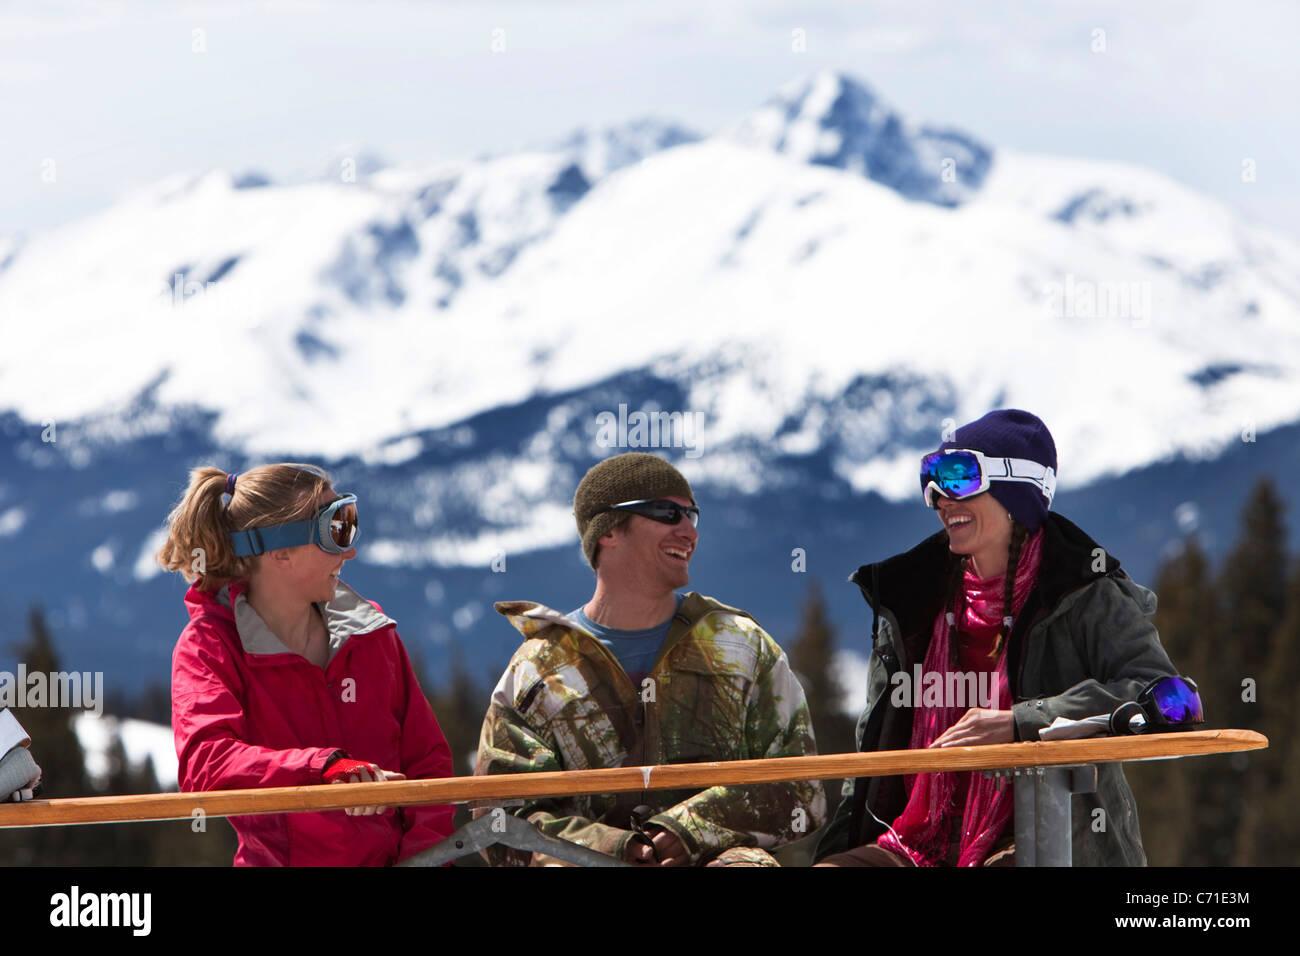 Tre amici ridere e sorridere mentre godendo una divertente giornata sugli sci in Colorado. Immagini Stock